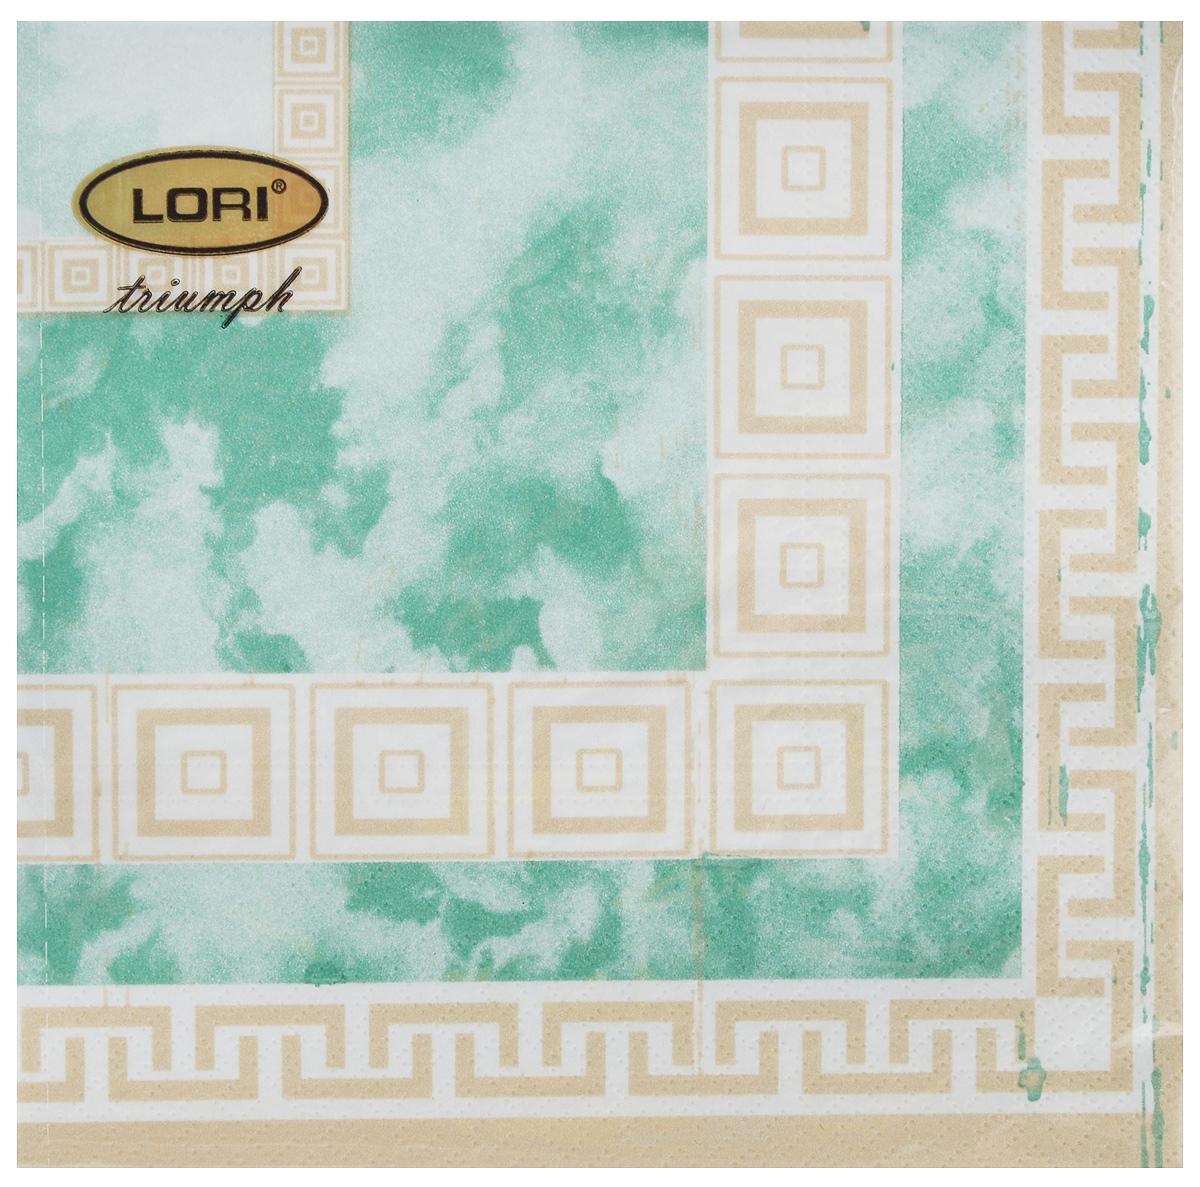 Салфетки бумажные Lori Triumph, трехслойные, цвет: зеленый, светло-коричневый, 33 х 33 см, 20 шт56135Декоративные трехслойные салфетки Lori Triumph выполнены из 100% целлюлозы и оформлены ярким рисунком. Изделия станут отличным дополнением любого праздничного стола. Они отличаются необычной мягкостью, прочностью и оригинальностью. Размер салфеток в развернутом виде: 33 х 33 см.